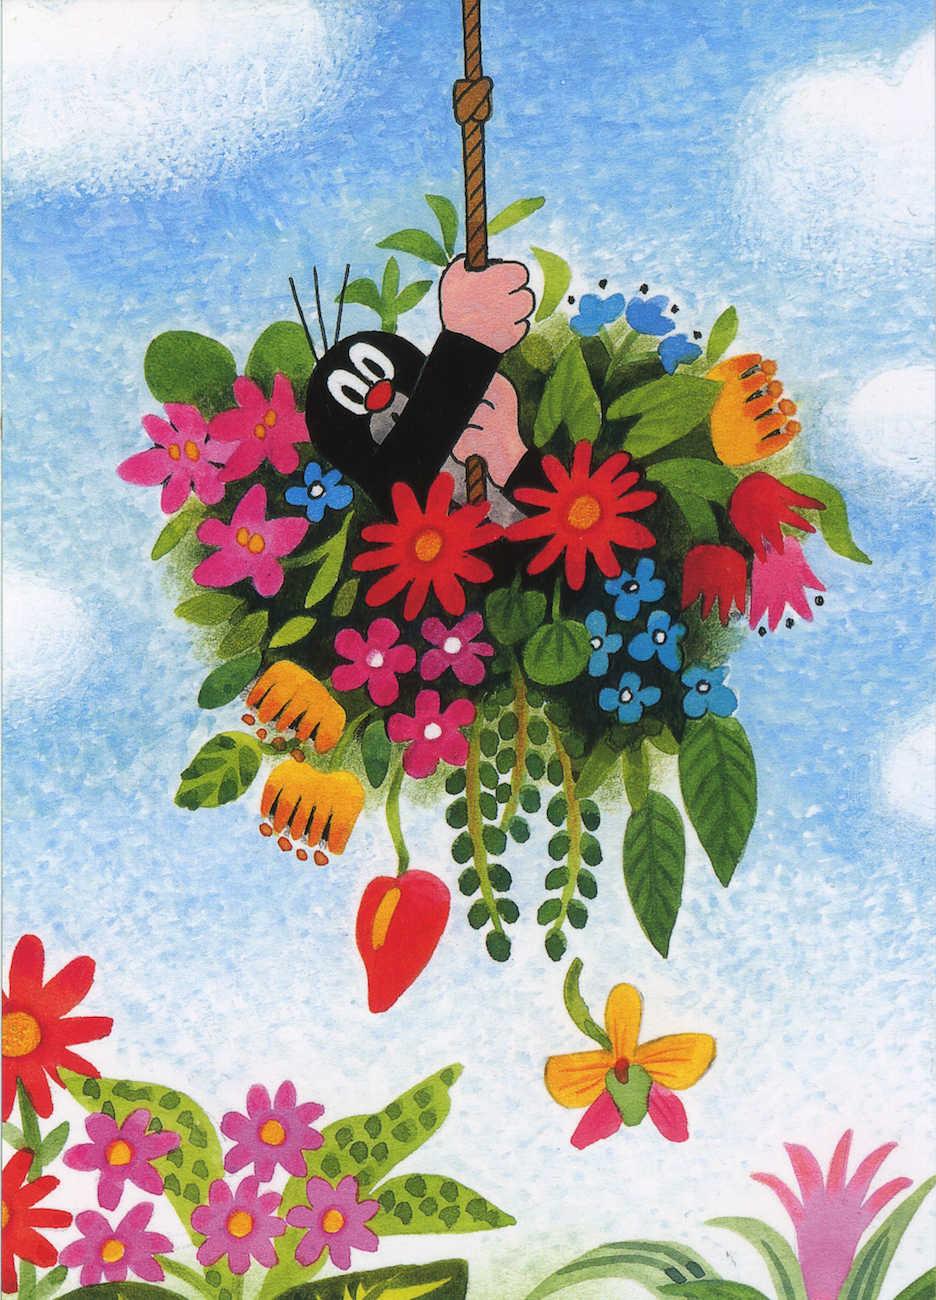 Tsjechische Cartoons Krtek Mol Canvas Schilderij Vintage Kraft Posters Klassieke Muurstickers Wall Art Voor Nursery Kids Slaapkamer